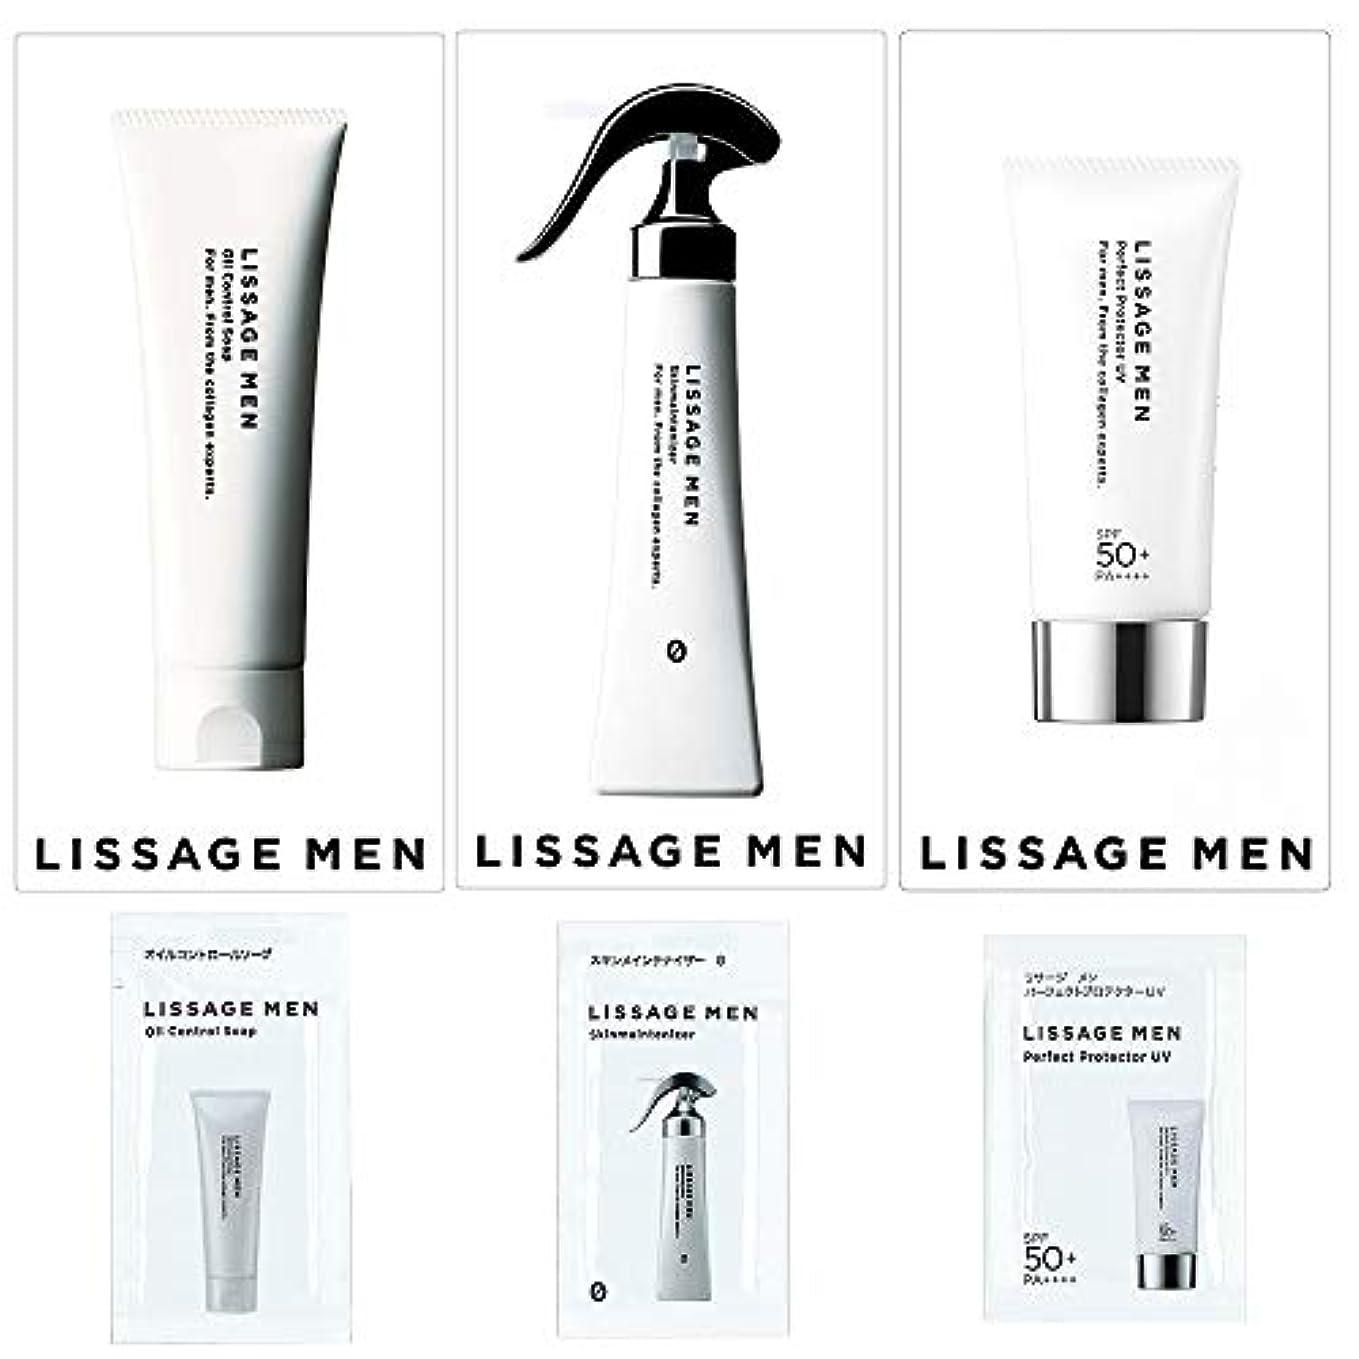 フラスコ転送アレイリサージメン メンズ フェイスケア 3点セット 洗顔&化粧水&UV(サンプルセット) 【実質無料サンプルストア対象】